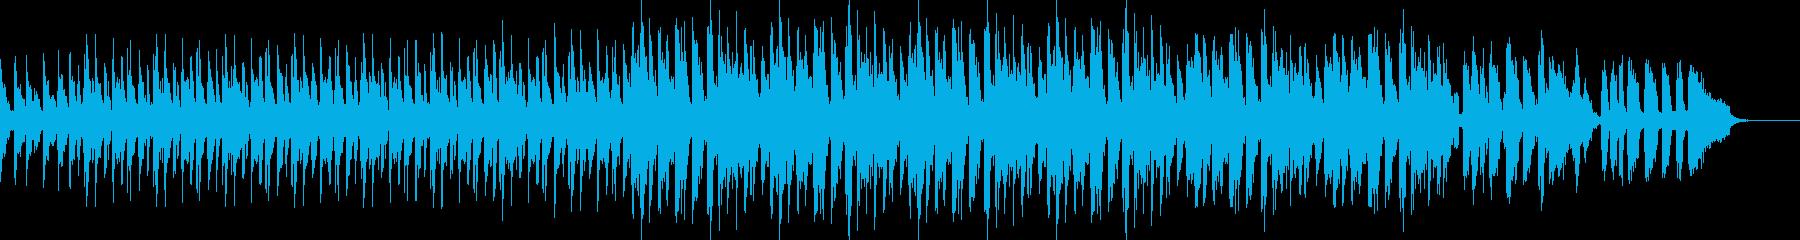 ハイテンポスウィングベース抜きverの再生済みの波形